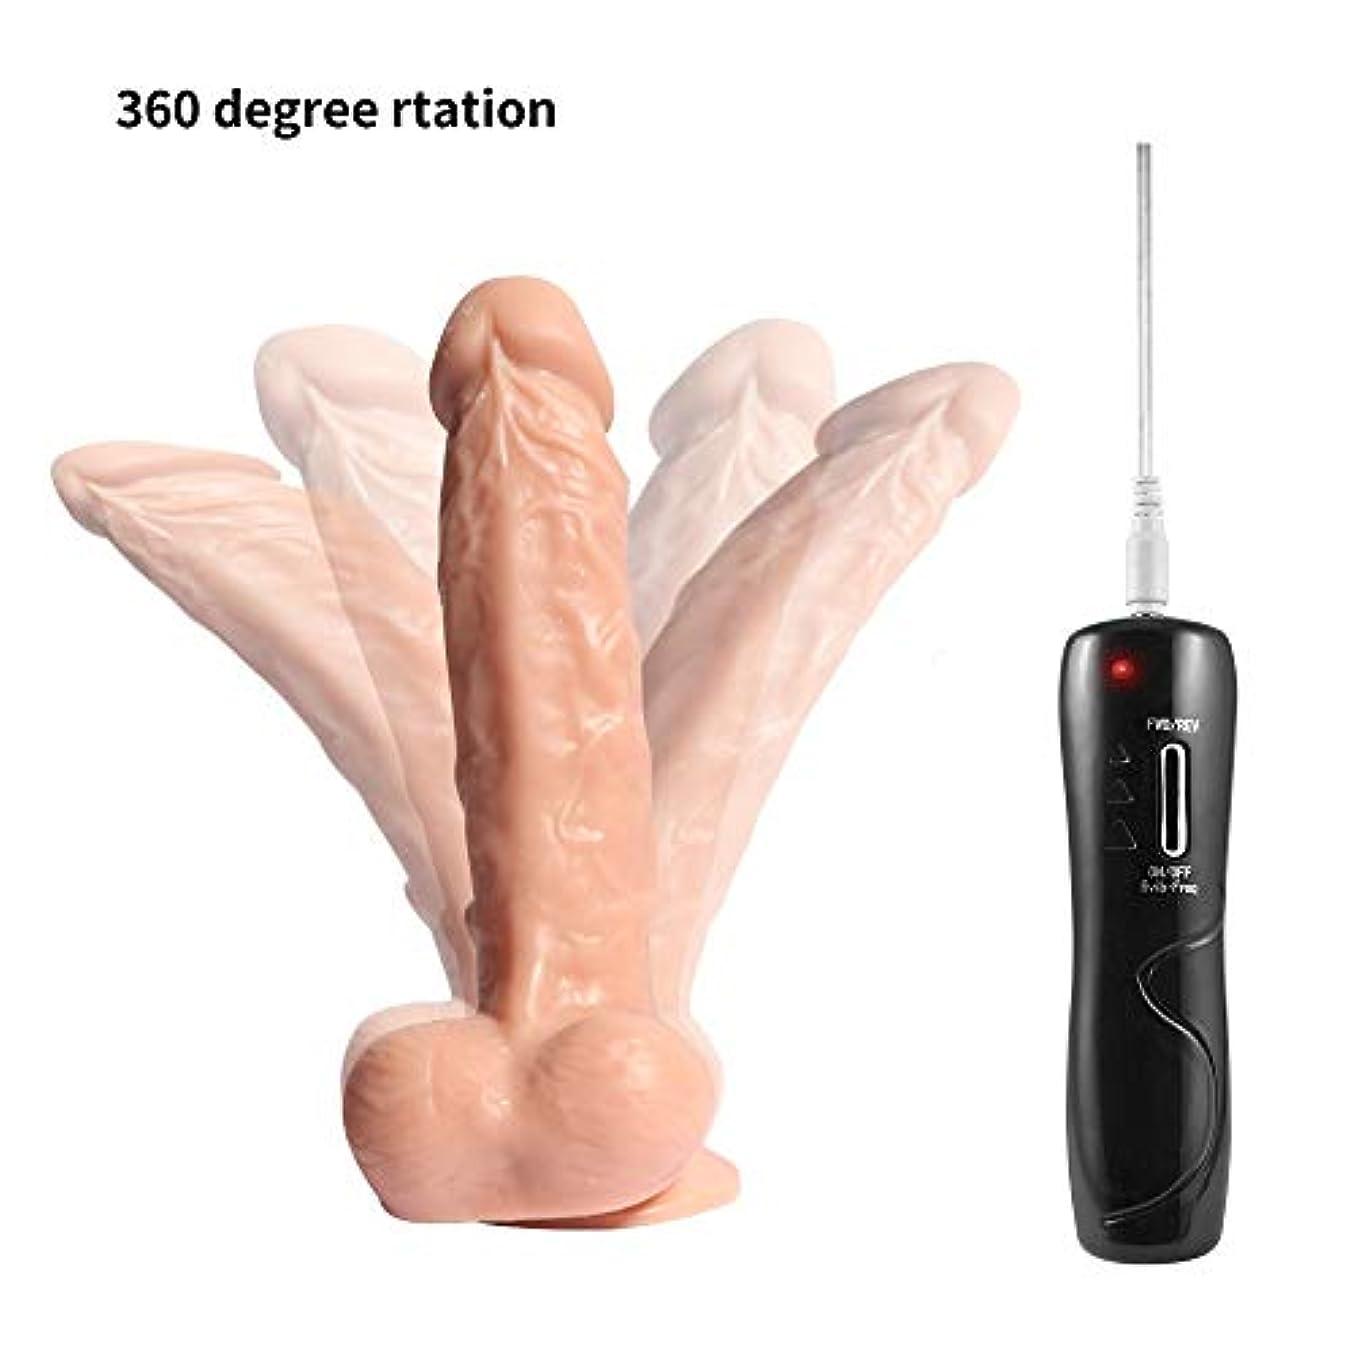 ヨーグルト自宅でバーマド7.68 In Female Massager Reality女性は、女性のストレス緩和剤のプレミアムをリラックス-女性のダブルジョイおもちゃ 女性のドレス